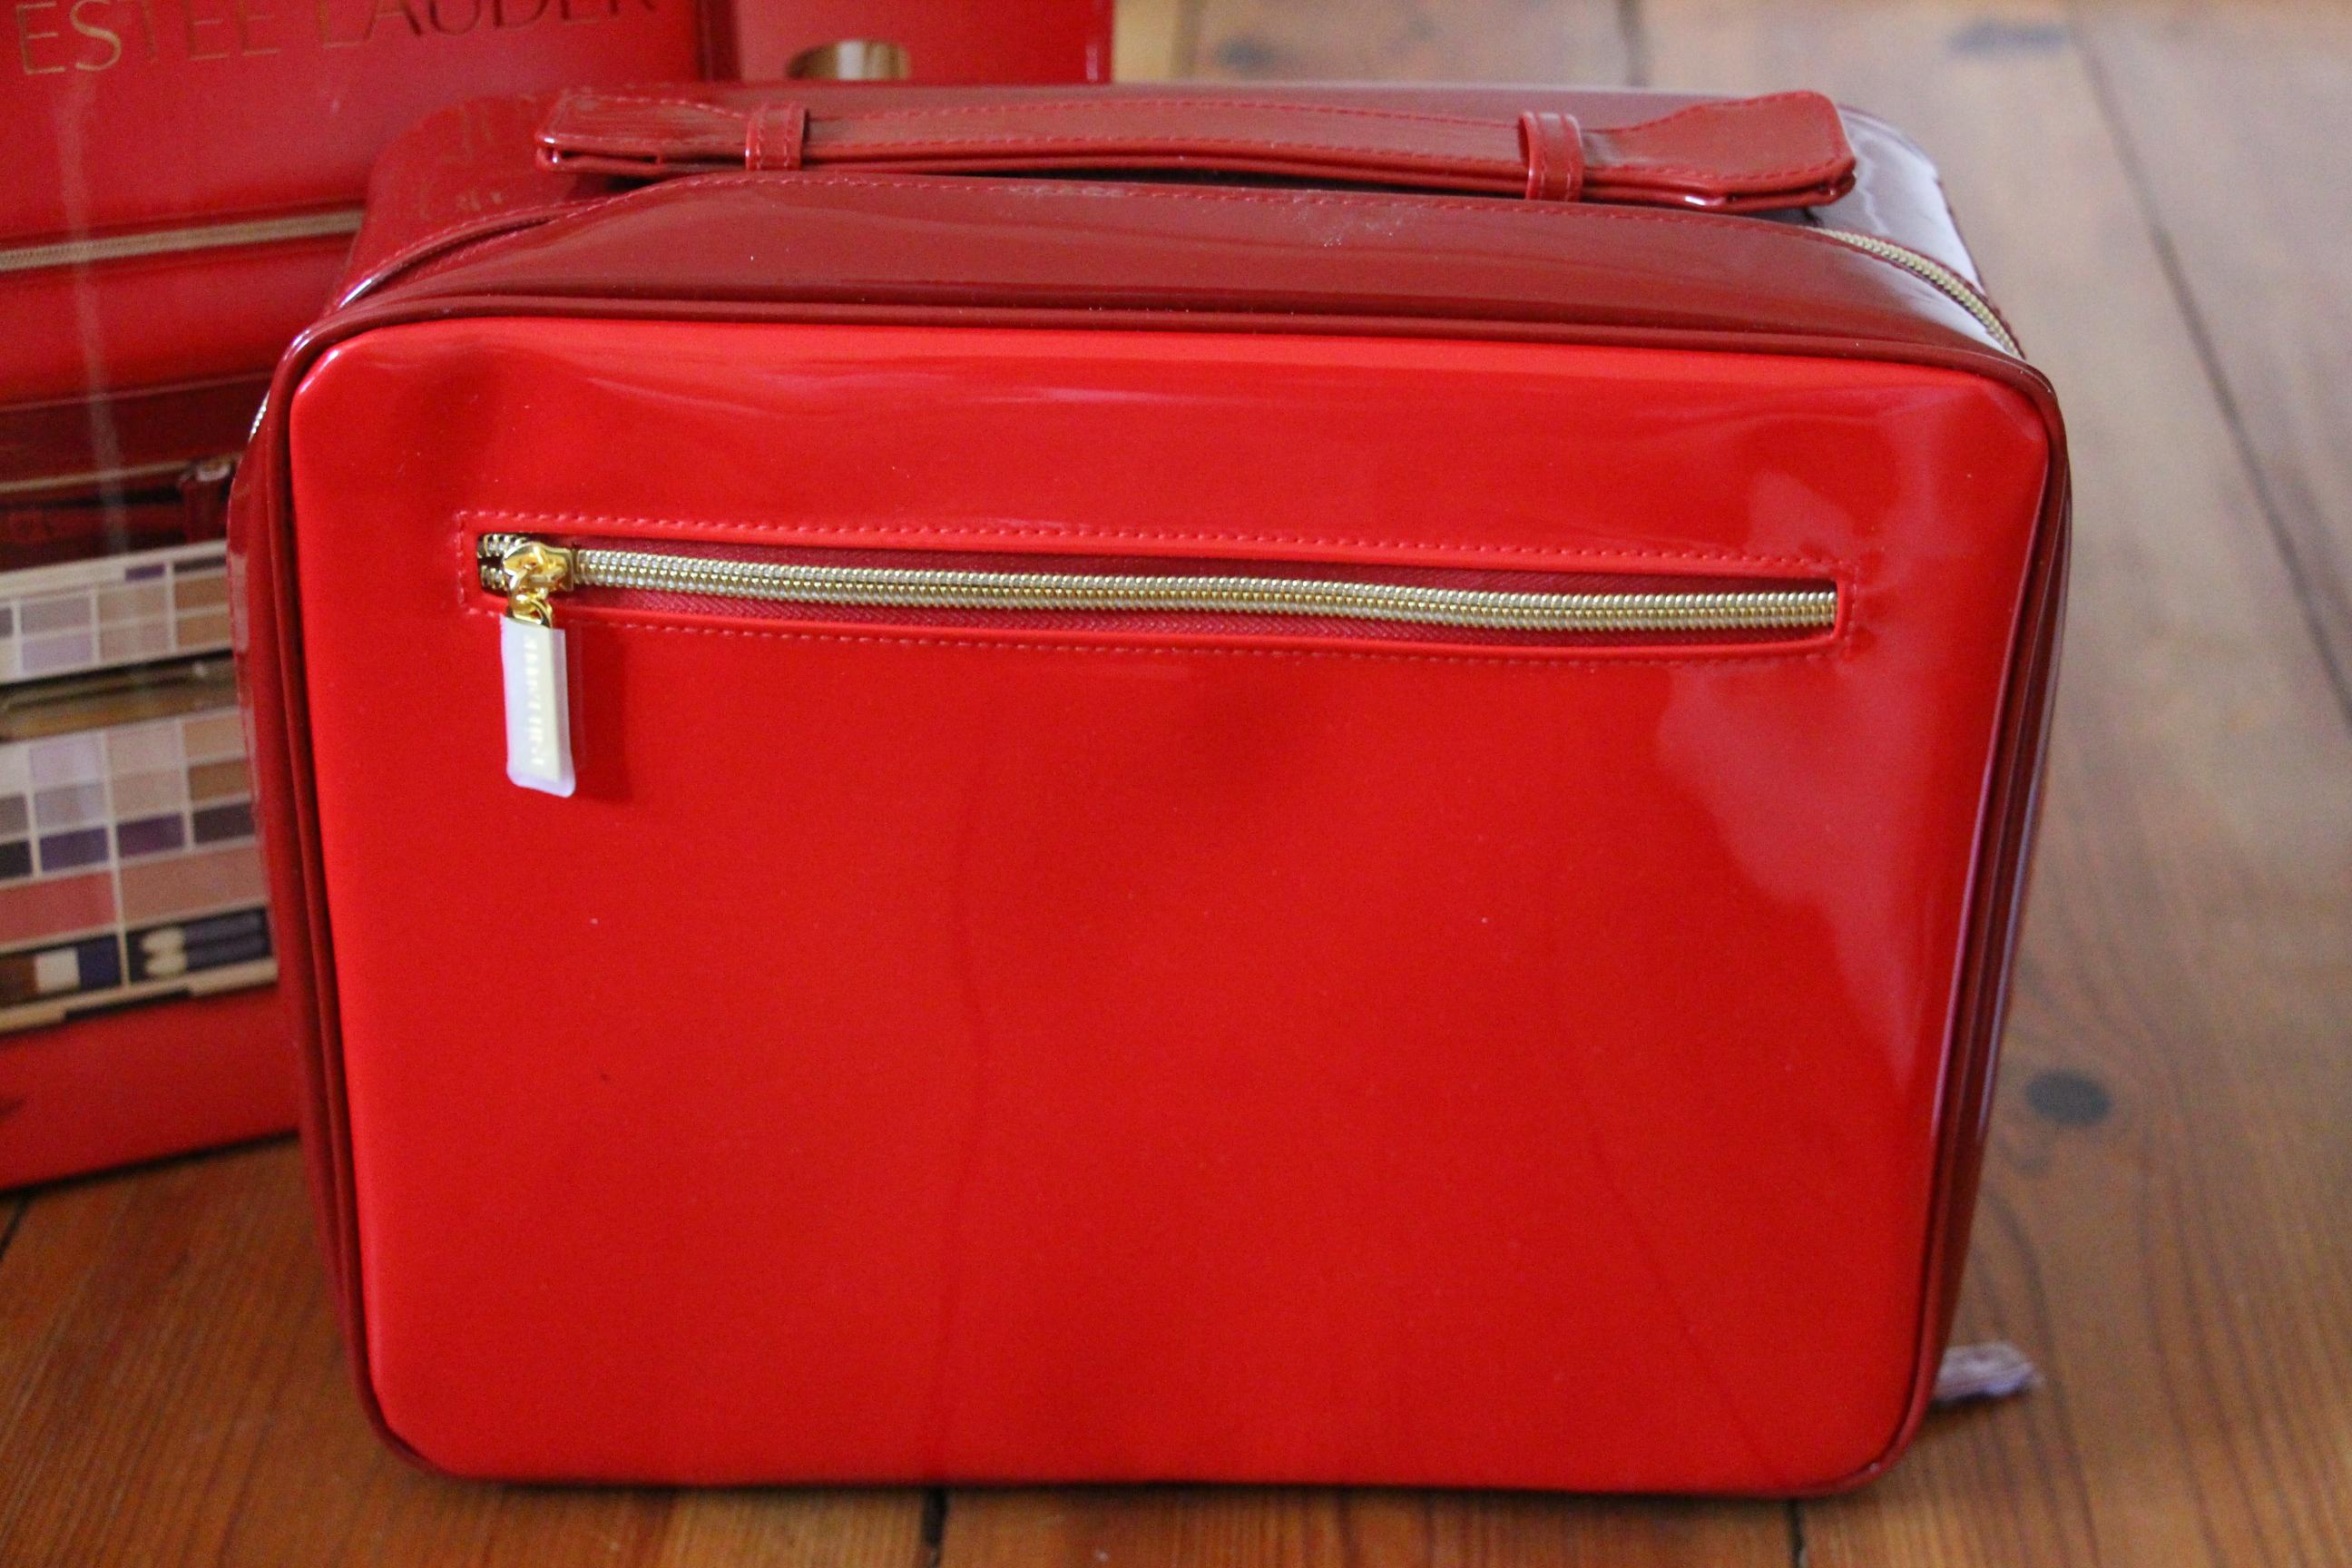 Kaufempfehlung: Schminkkoffer von Estée Lauder |